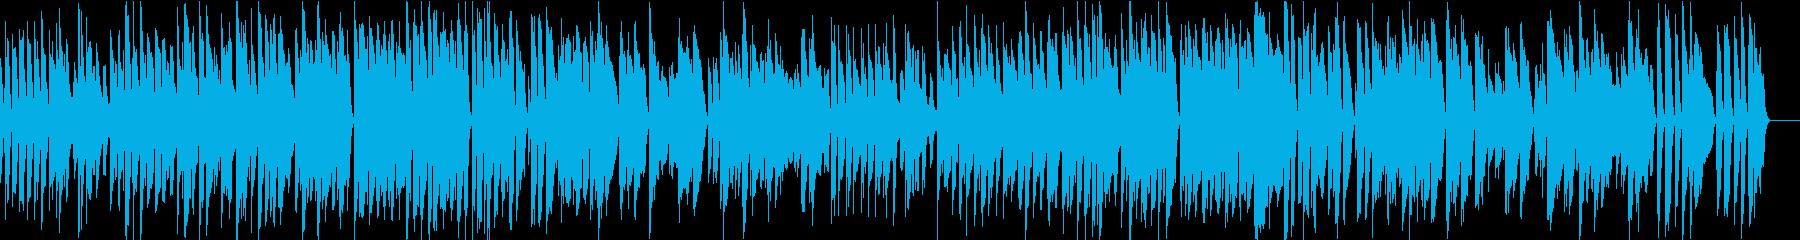 優しいピアノソロ/商品紹介・レビュー等にの再生済みの波形